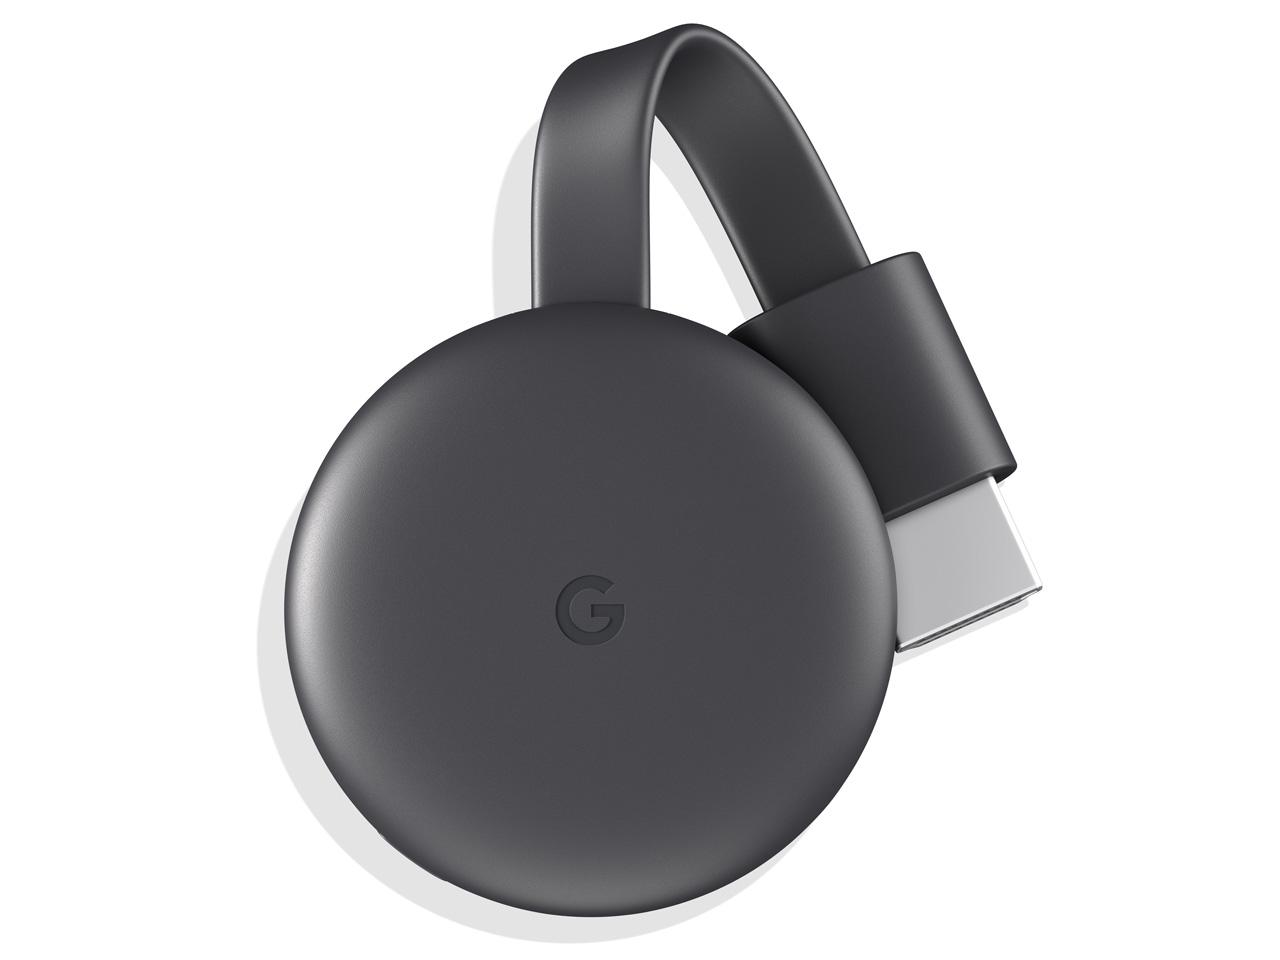 Chromecast GA00439-JP [チャコール] の製品画像